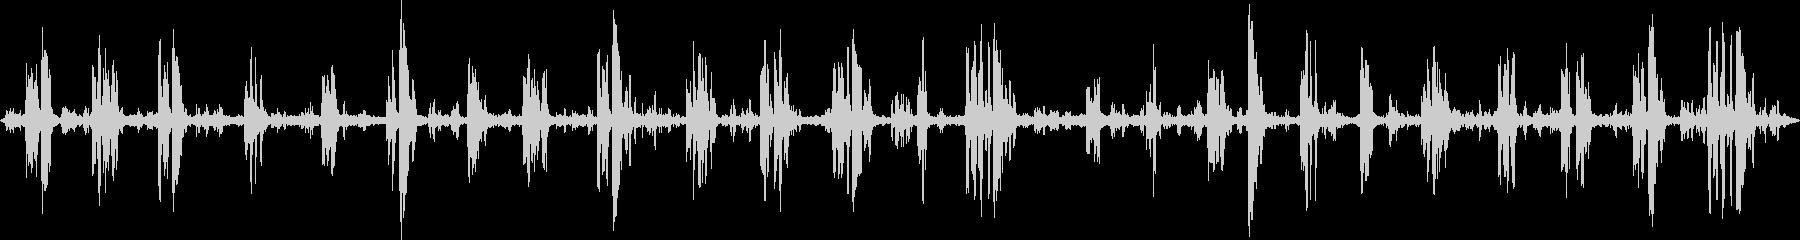 ミドルスルー、バード; DIGIF...の未再生の波形